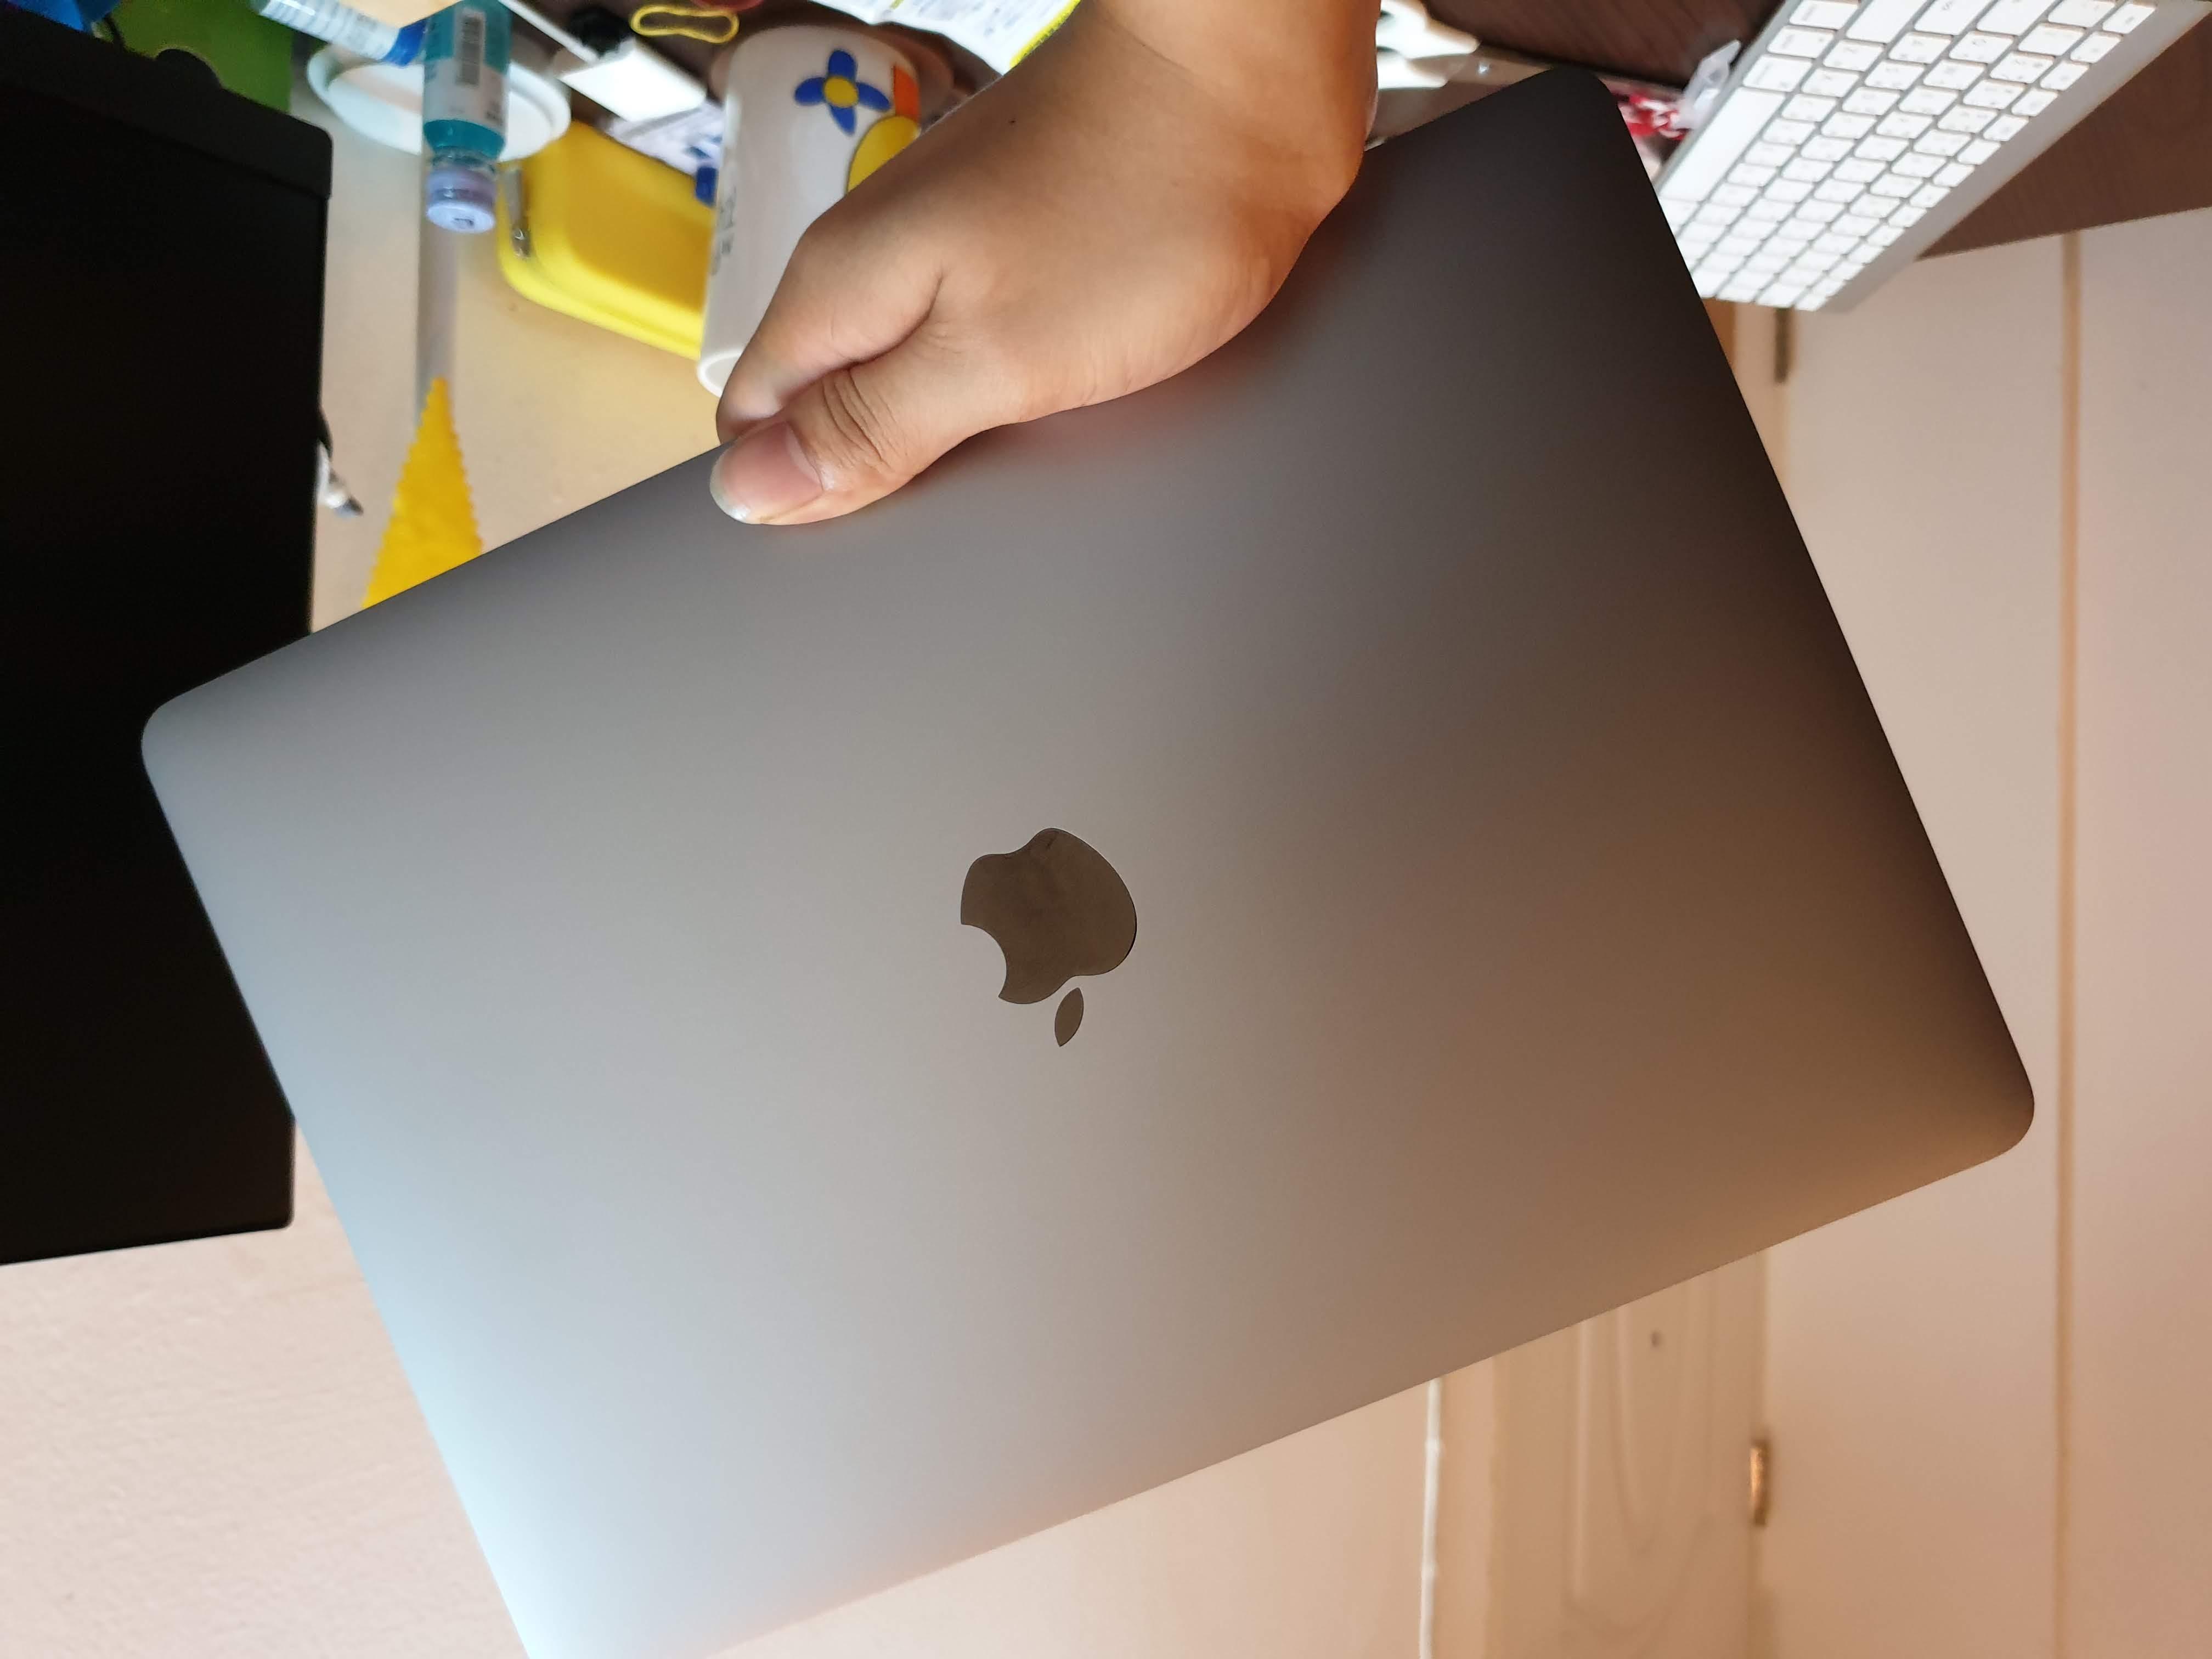 MacBook Pro 13-inch 2018 Front